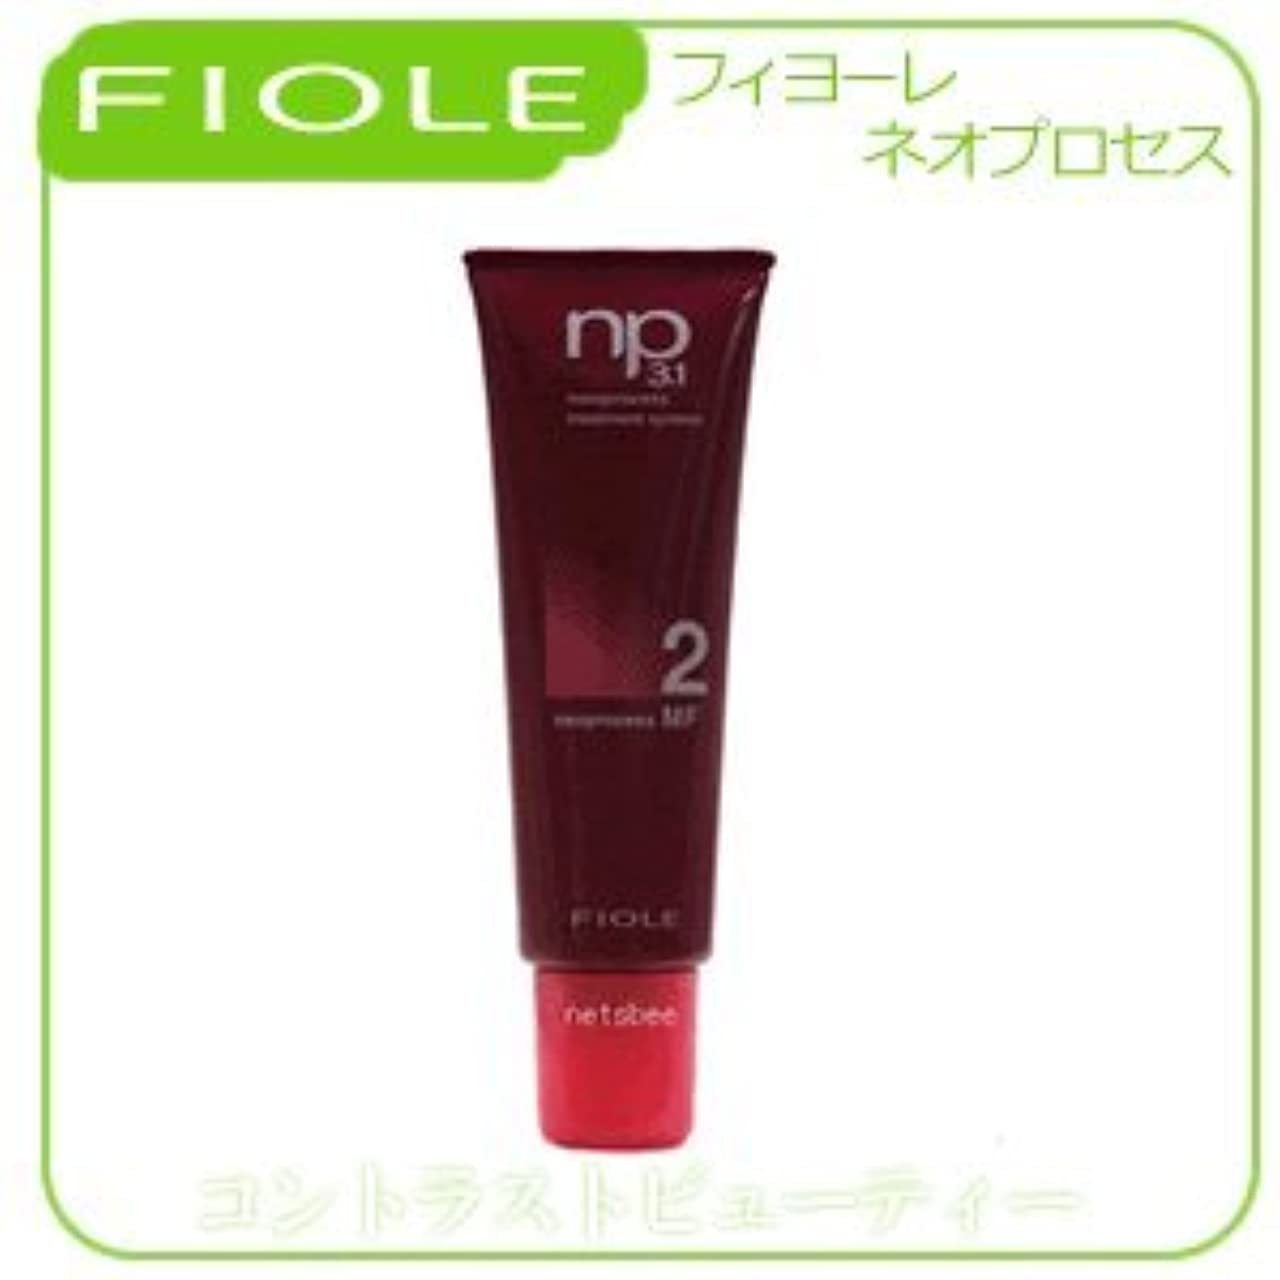 慎重引くチャーミング【X3個セット】 フィヨーレ NP3.1 ネオプロセス MF2 130g FIOLE ネオプロセス